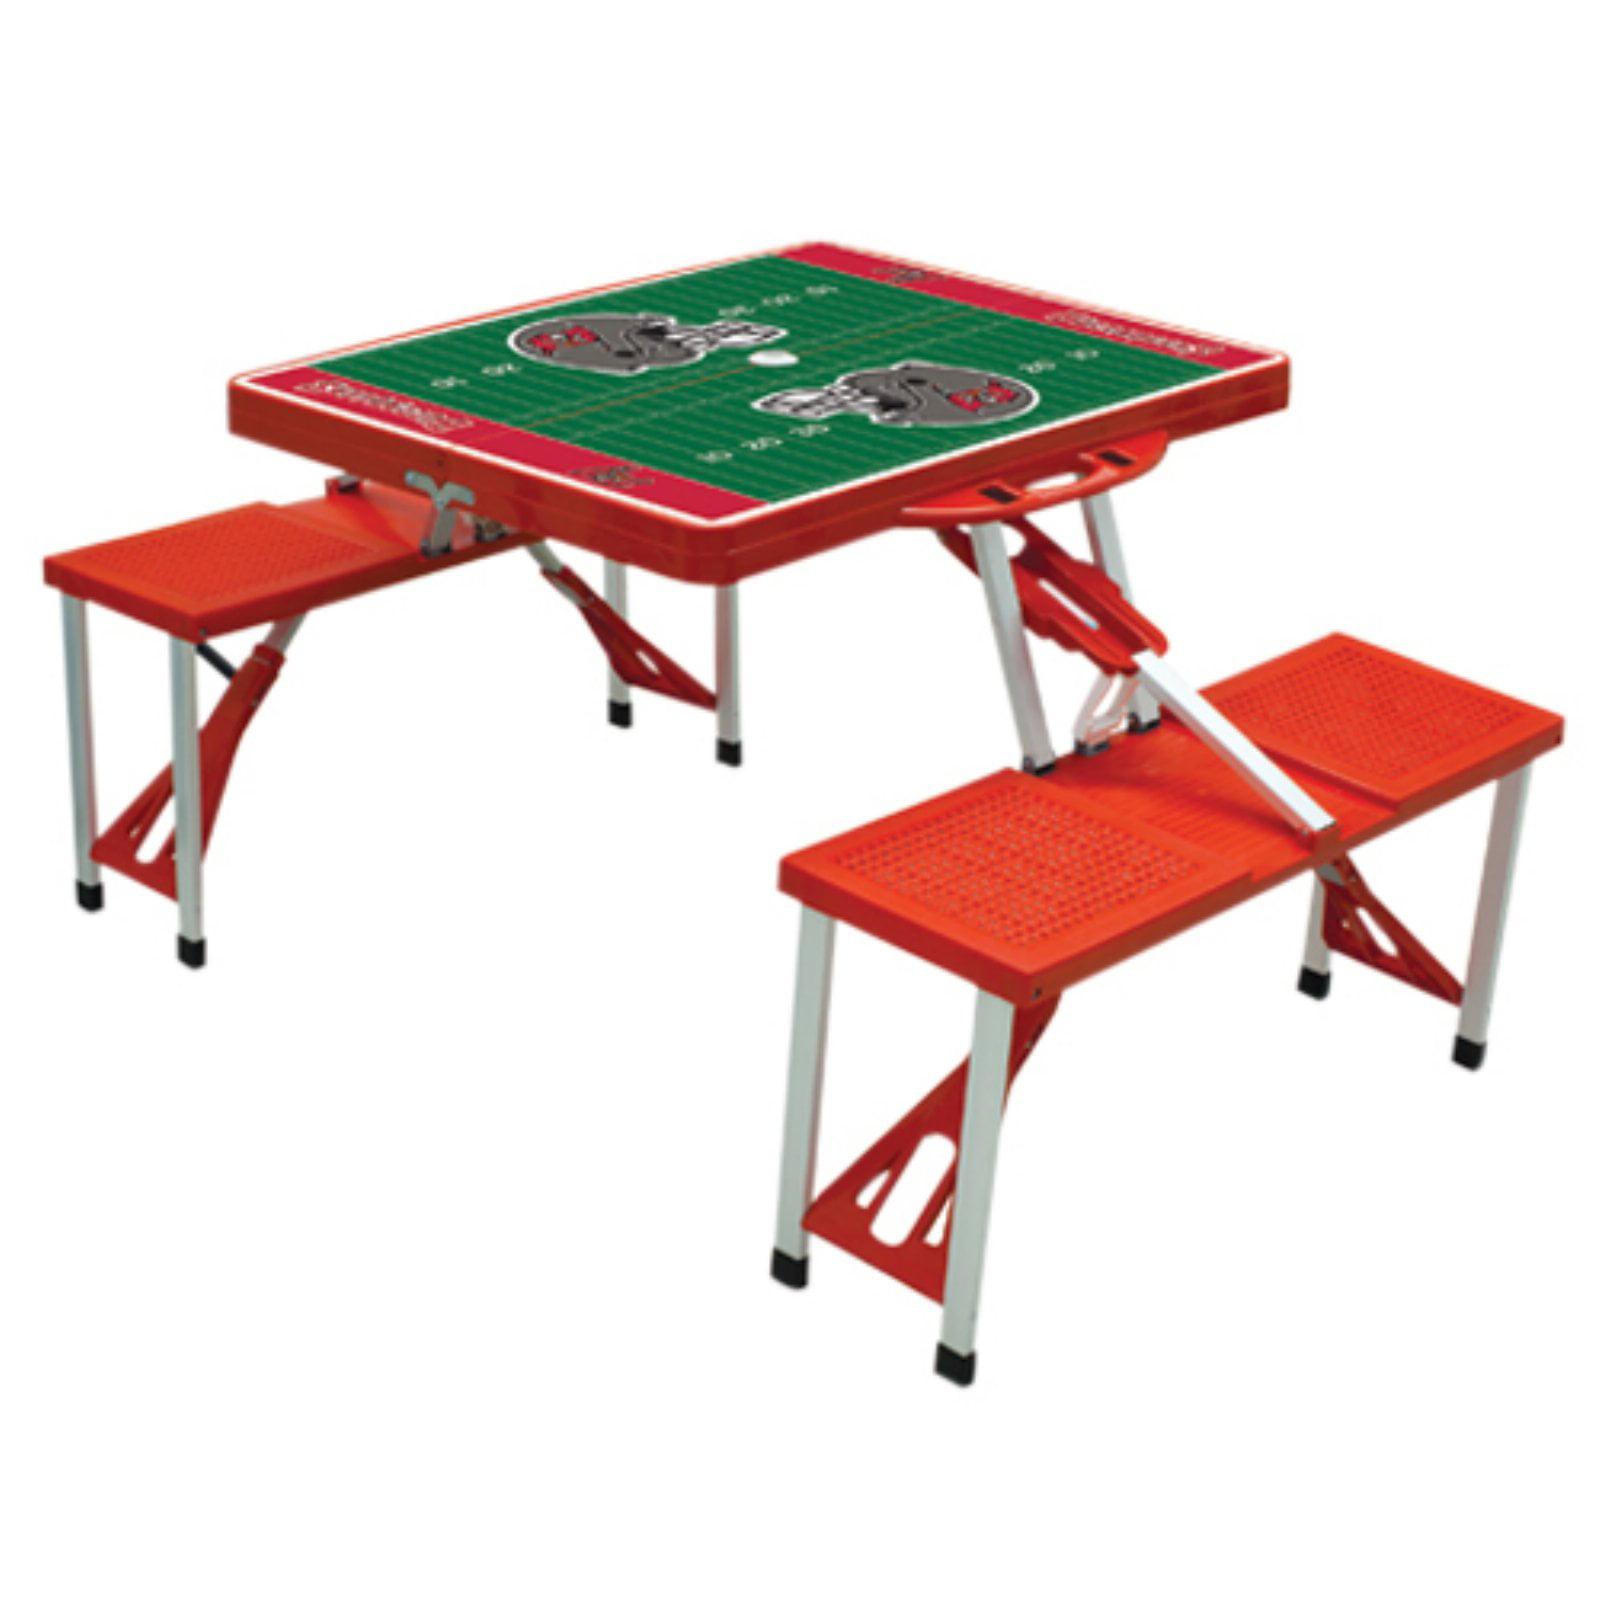 Picnic Time NFL Folding Table